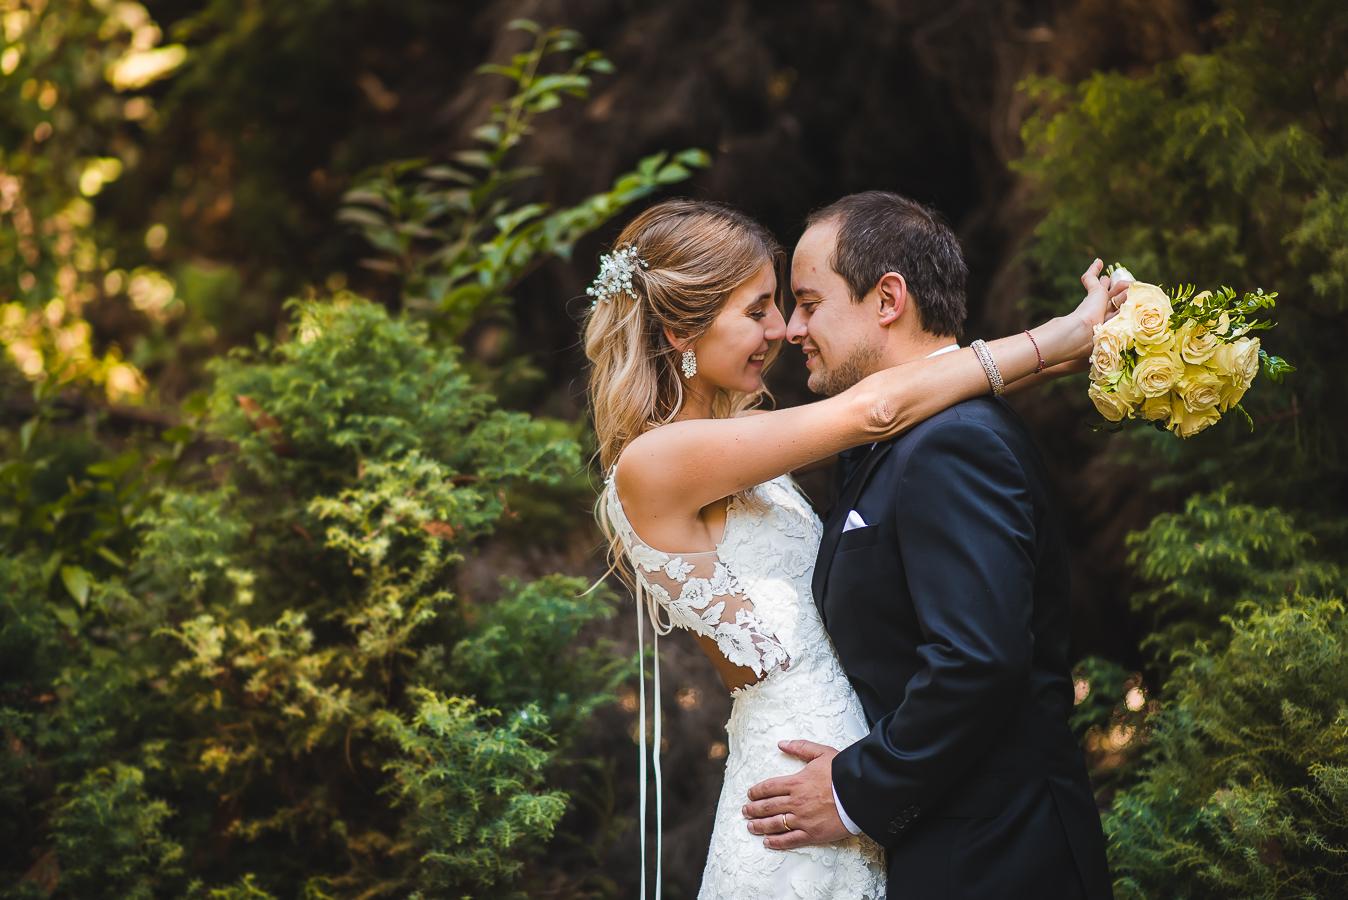 jaime miranda fotografia matrimonios (44)